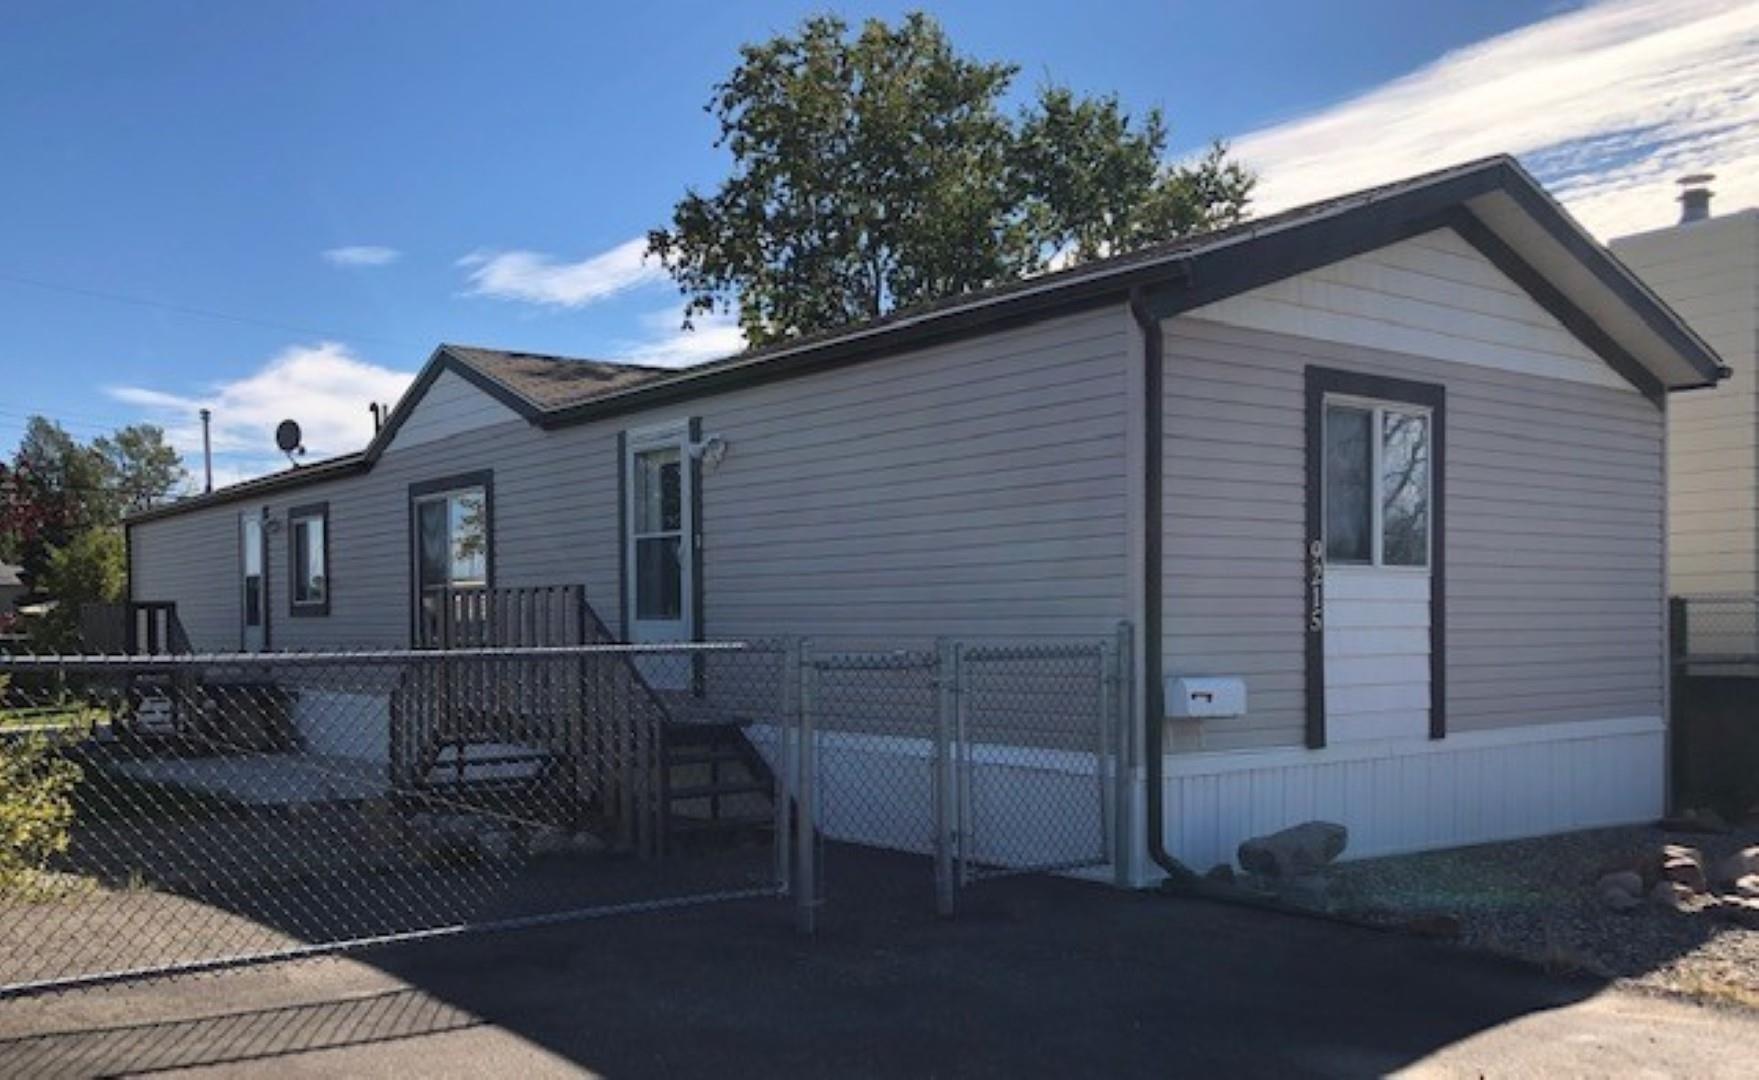 Main Photo: 9215 77 Street in Fort St. John: Fort St. John - City SE Manufactured Home for sale (Fort St. John (Zone 60))  : MLS®# R2615837